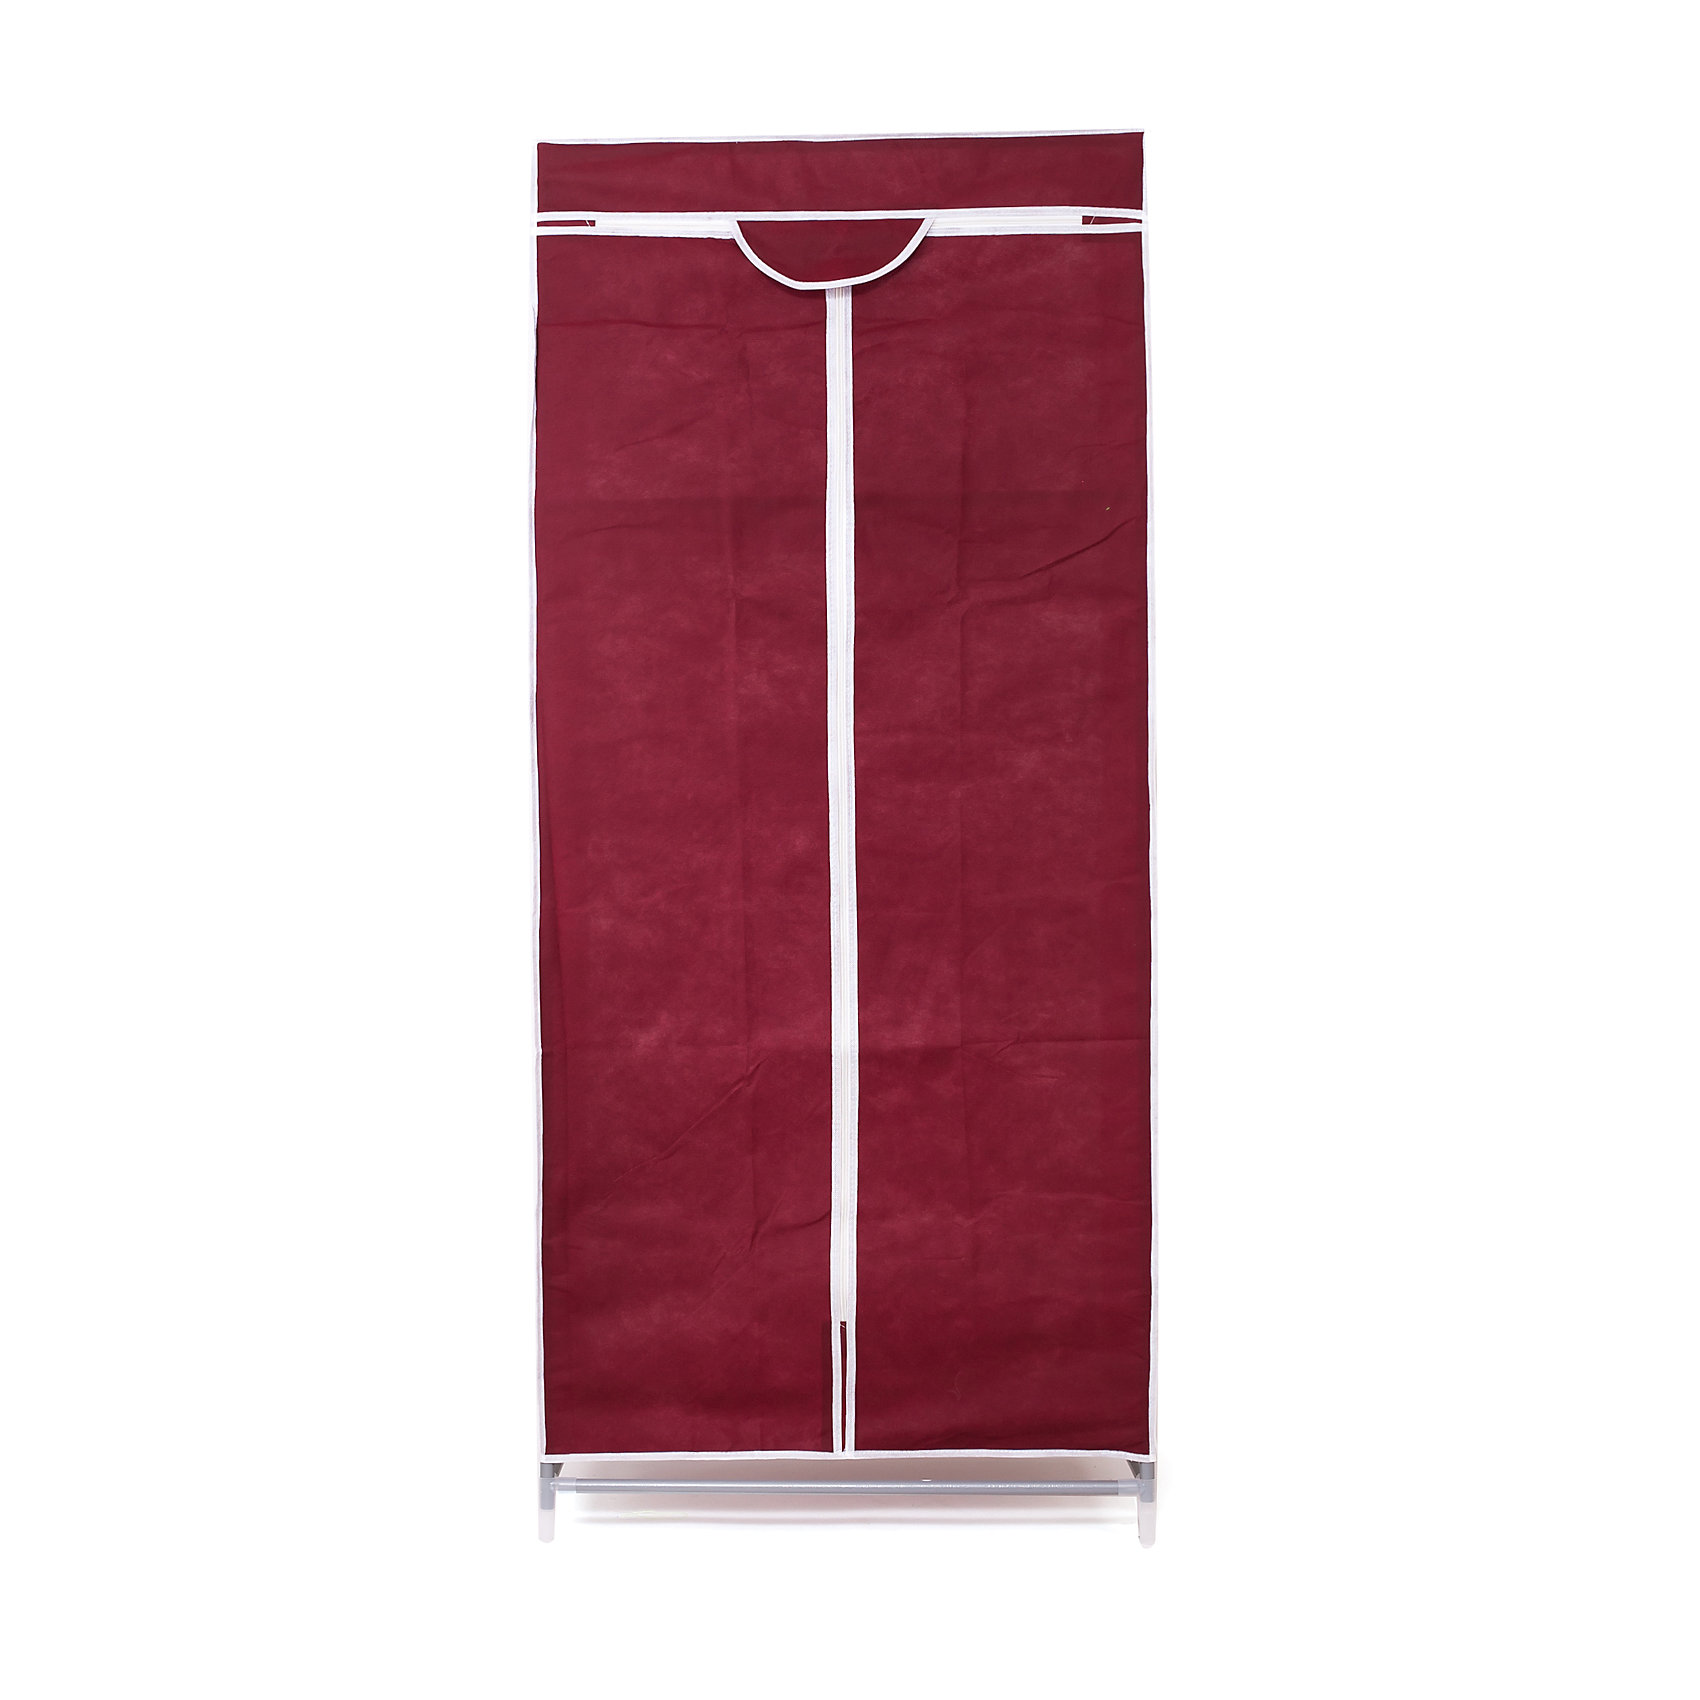 Тканевый шкаф Кармэн, Homsu, бордовыйПорядок в детской<br>Характеристики товара:<br><br>• цвет: бордовый<br>• материал: металл, пластик, текстиль<br>• размер: 68х45х145 см<br>• вес: 3 кг<br>• застежка: молния<br>• твердый каркас<br>• вместимость: полка и перекладина для подвешивания<br>• страна бренда: Россия<br>• страна изготовитель: Китай<br><br>Тканевый шкаф Кармэн, Homsu (Хомсу) - очень удобная вещь для хранения вещей и эргономичной организации пространства.<br><br>Он состоит из двух отделений, материал помогает защитить вещи от пыли и влаги.<br><br>Тканевый шкаф Кармэн, Homsu можно купить в нашем интернет-магазине.<br><br>Ширина мм: 650<br>Глубина мм: 260<br>Высота мм: 70<br>Вес г: 3000<br>Возраст от месяцев: 216<br>Возраст до месяцев: 1188<br>Пол: Унисекс<br>Возраст: Детский<br>SKU: 5620246